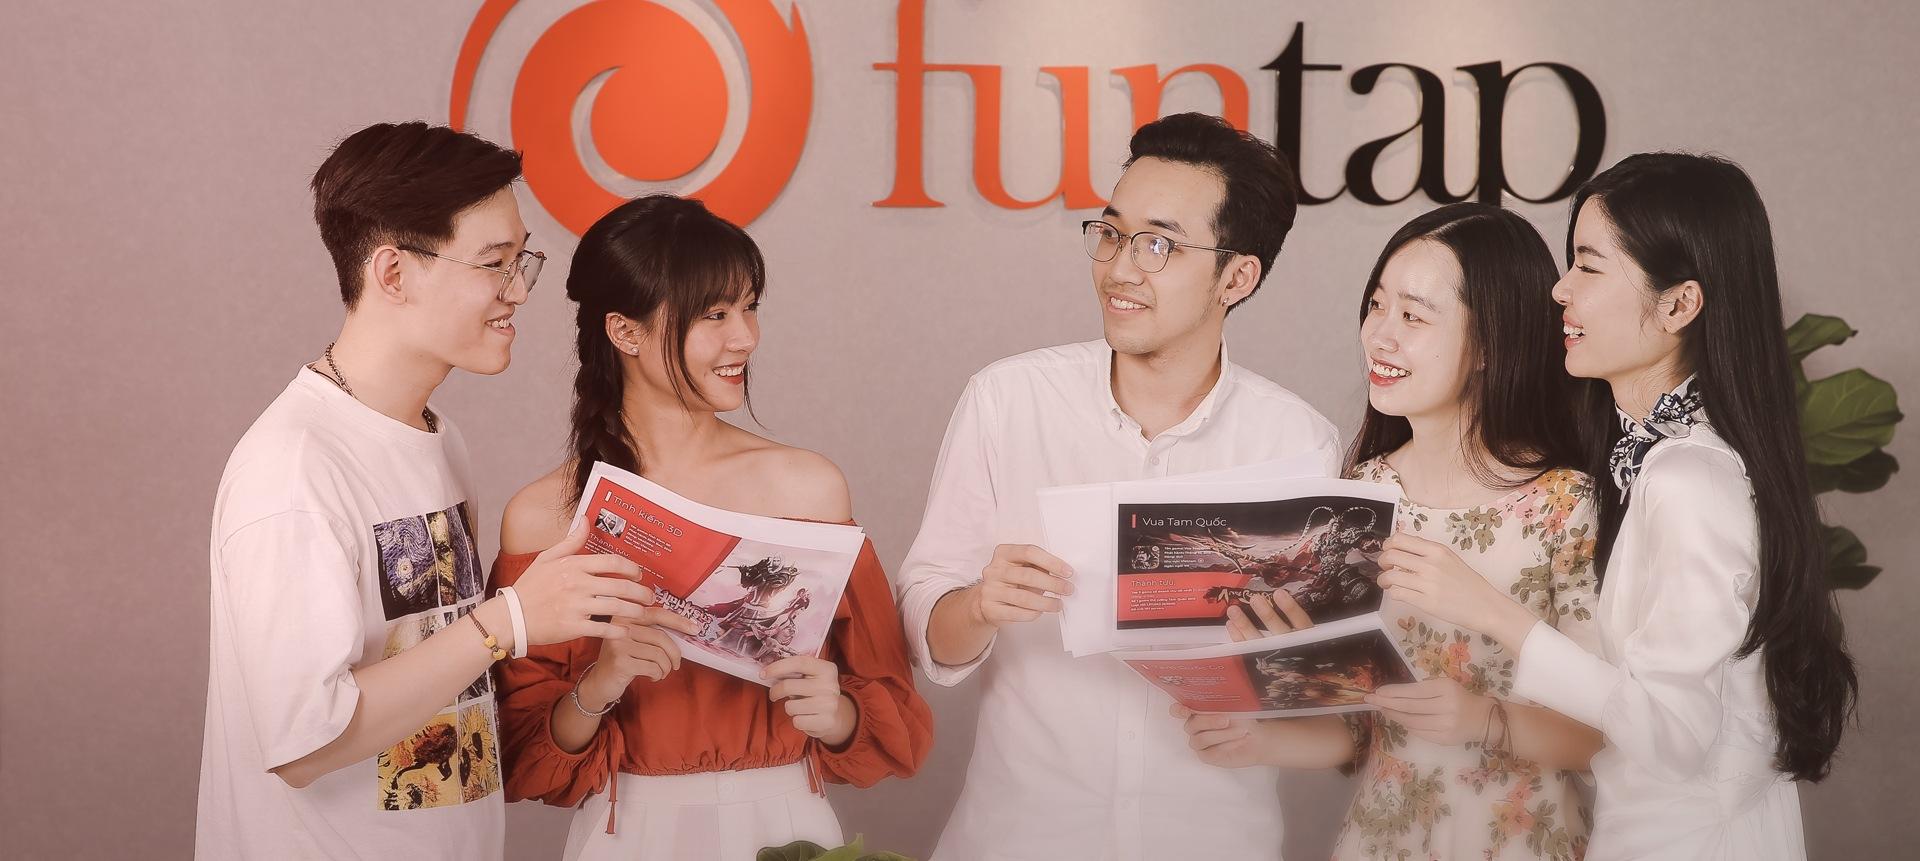 Funtap - Kiến tạo niềm vui